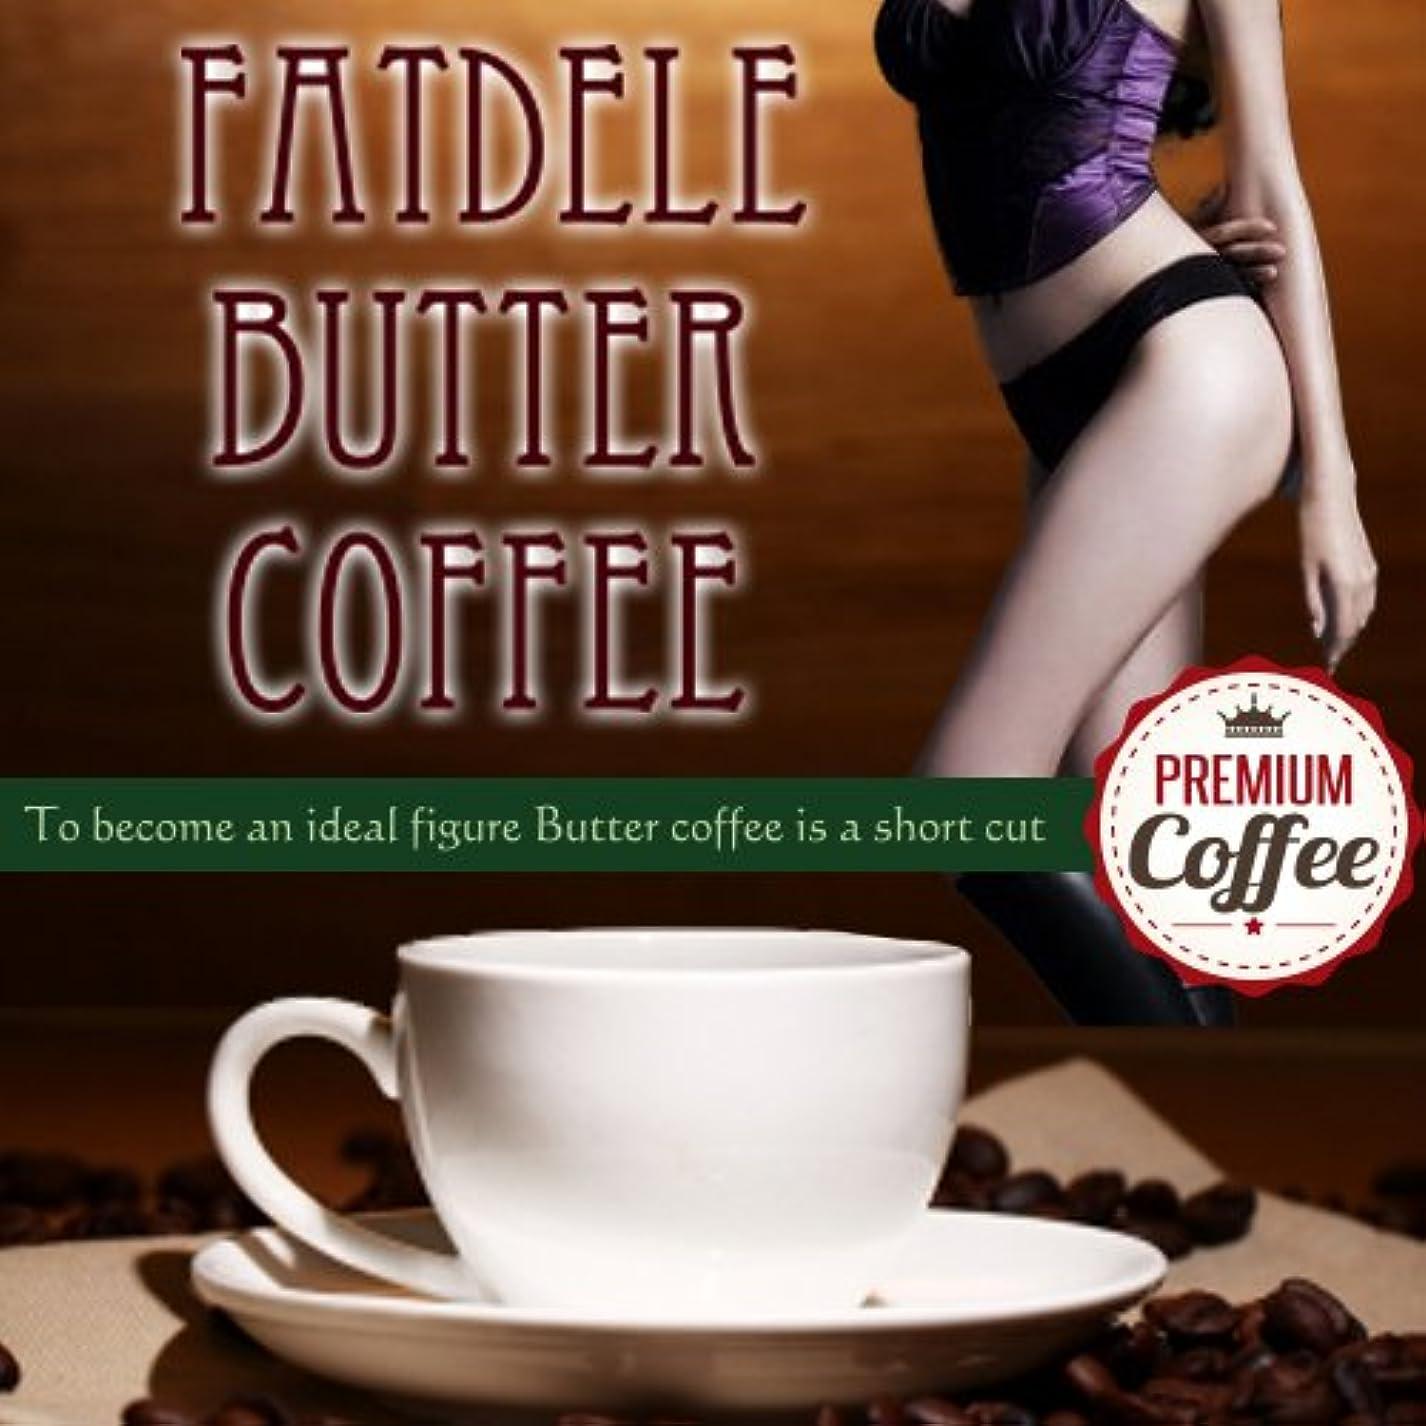 紫の階段育成ファットデルバターコーヒー バターコーヒー ダイエットコーヒー